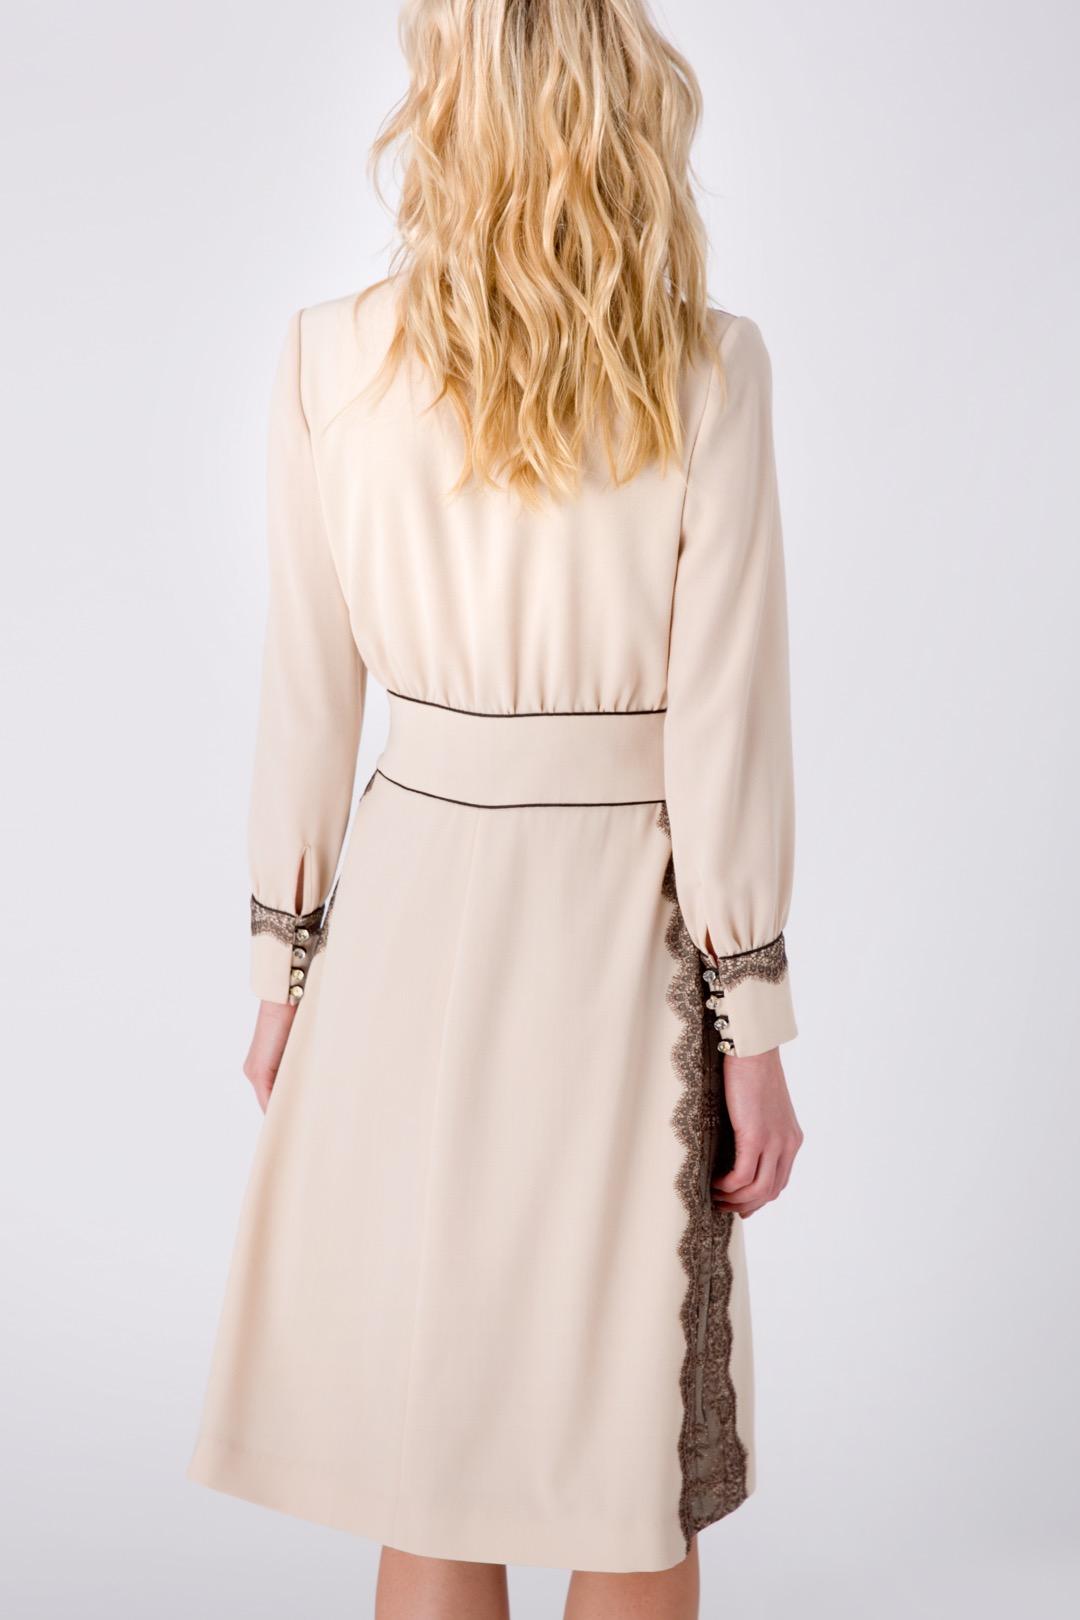 Бежевое платье с V-образным вырезом, декорированное кружевом